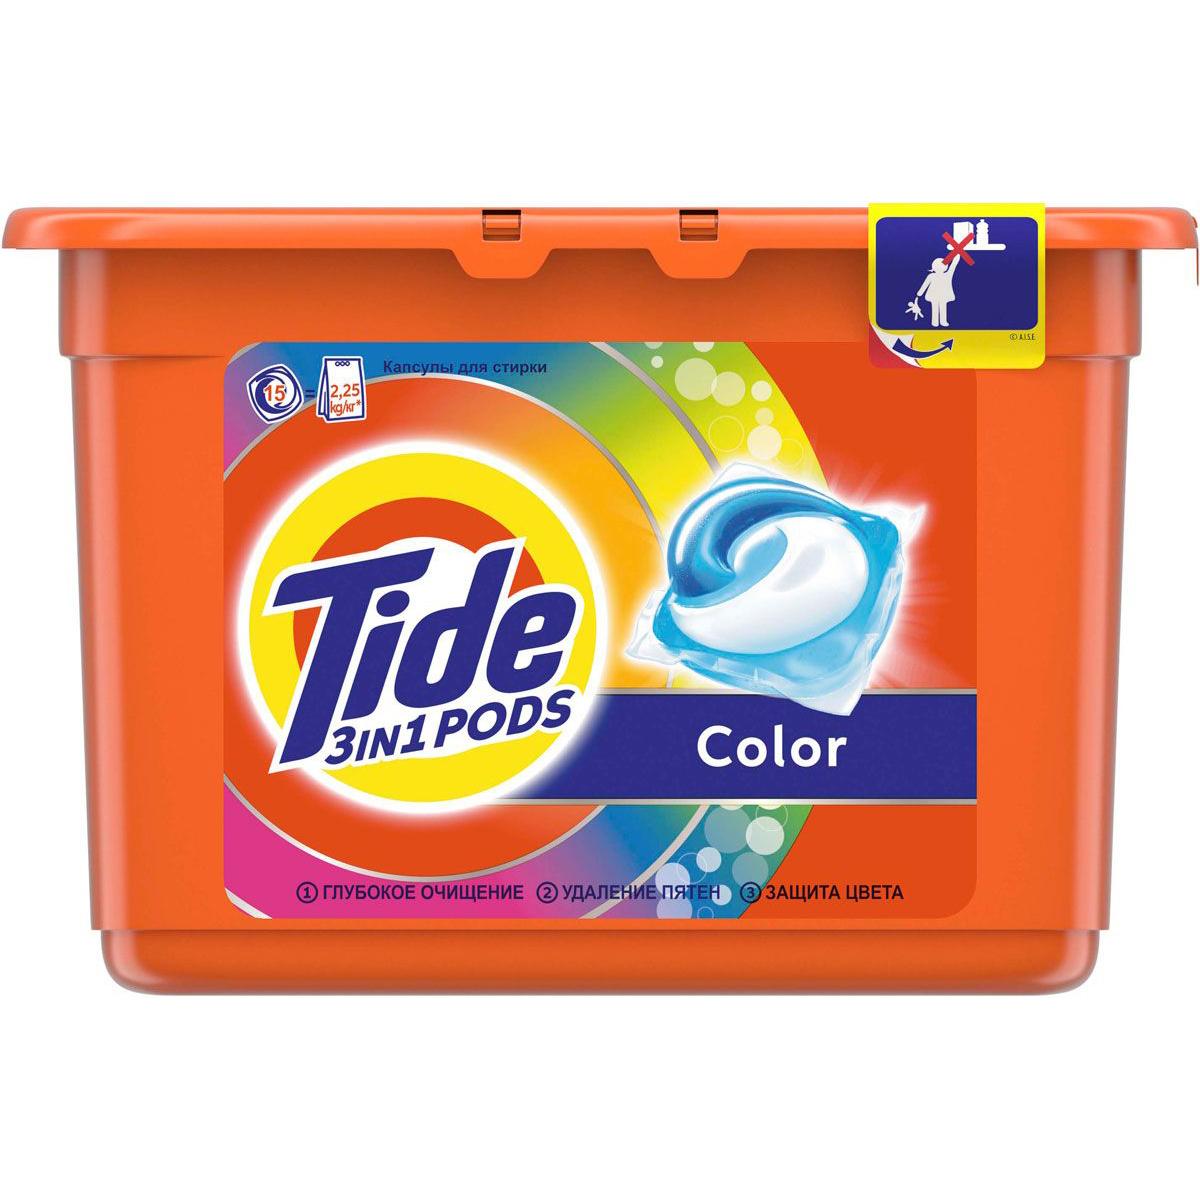 Купить Капсулы для стирки Tide Pods Color 15 шт, Жидкое средство для стирки